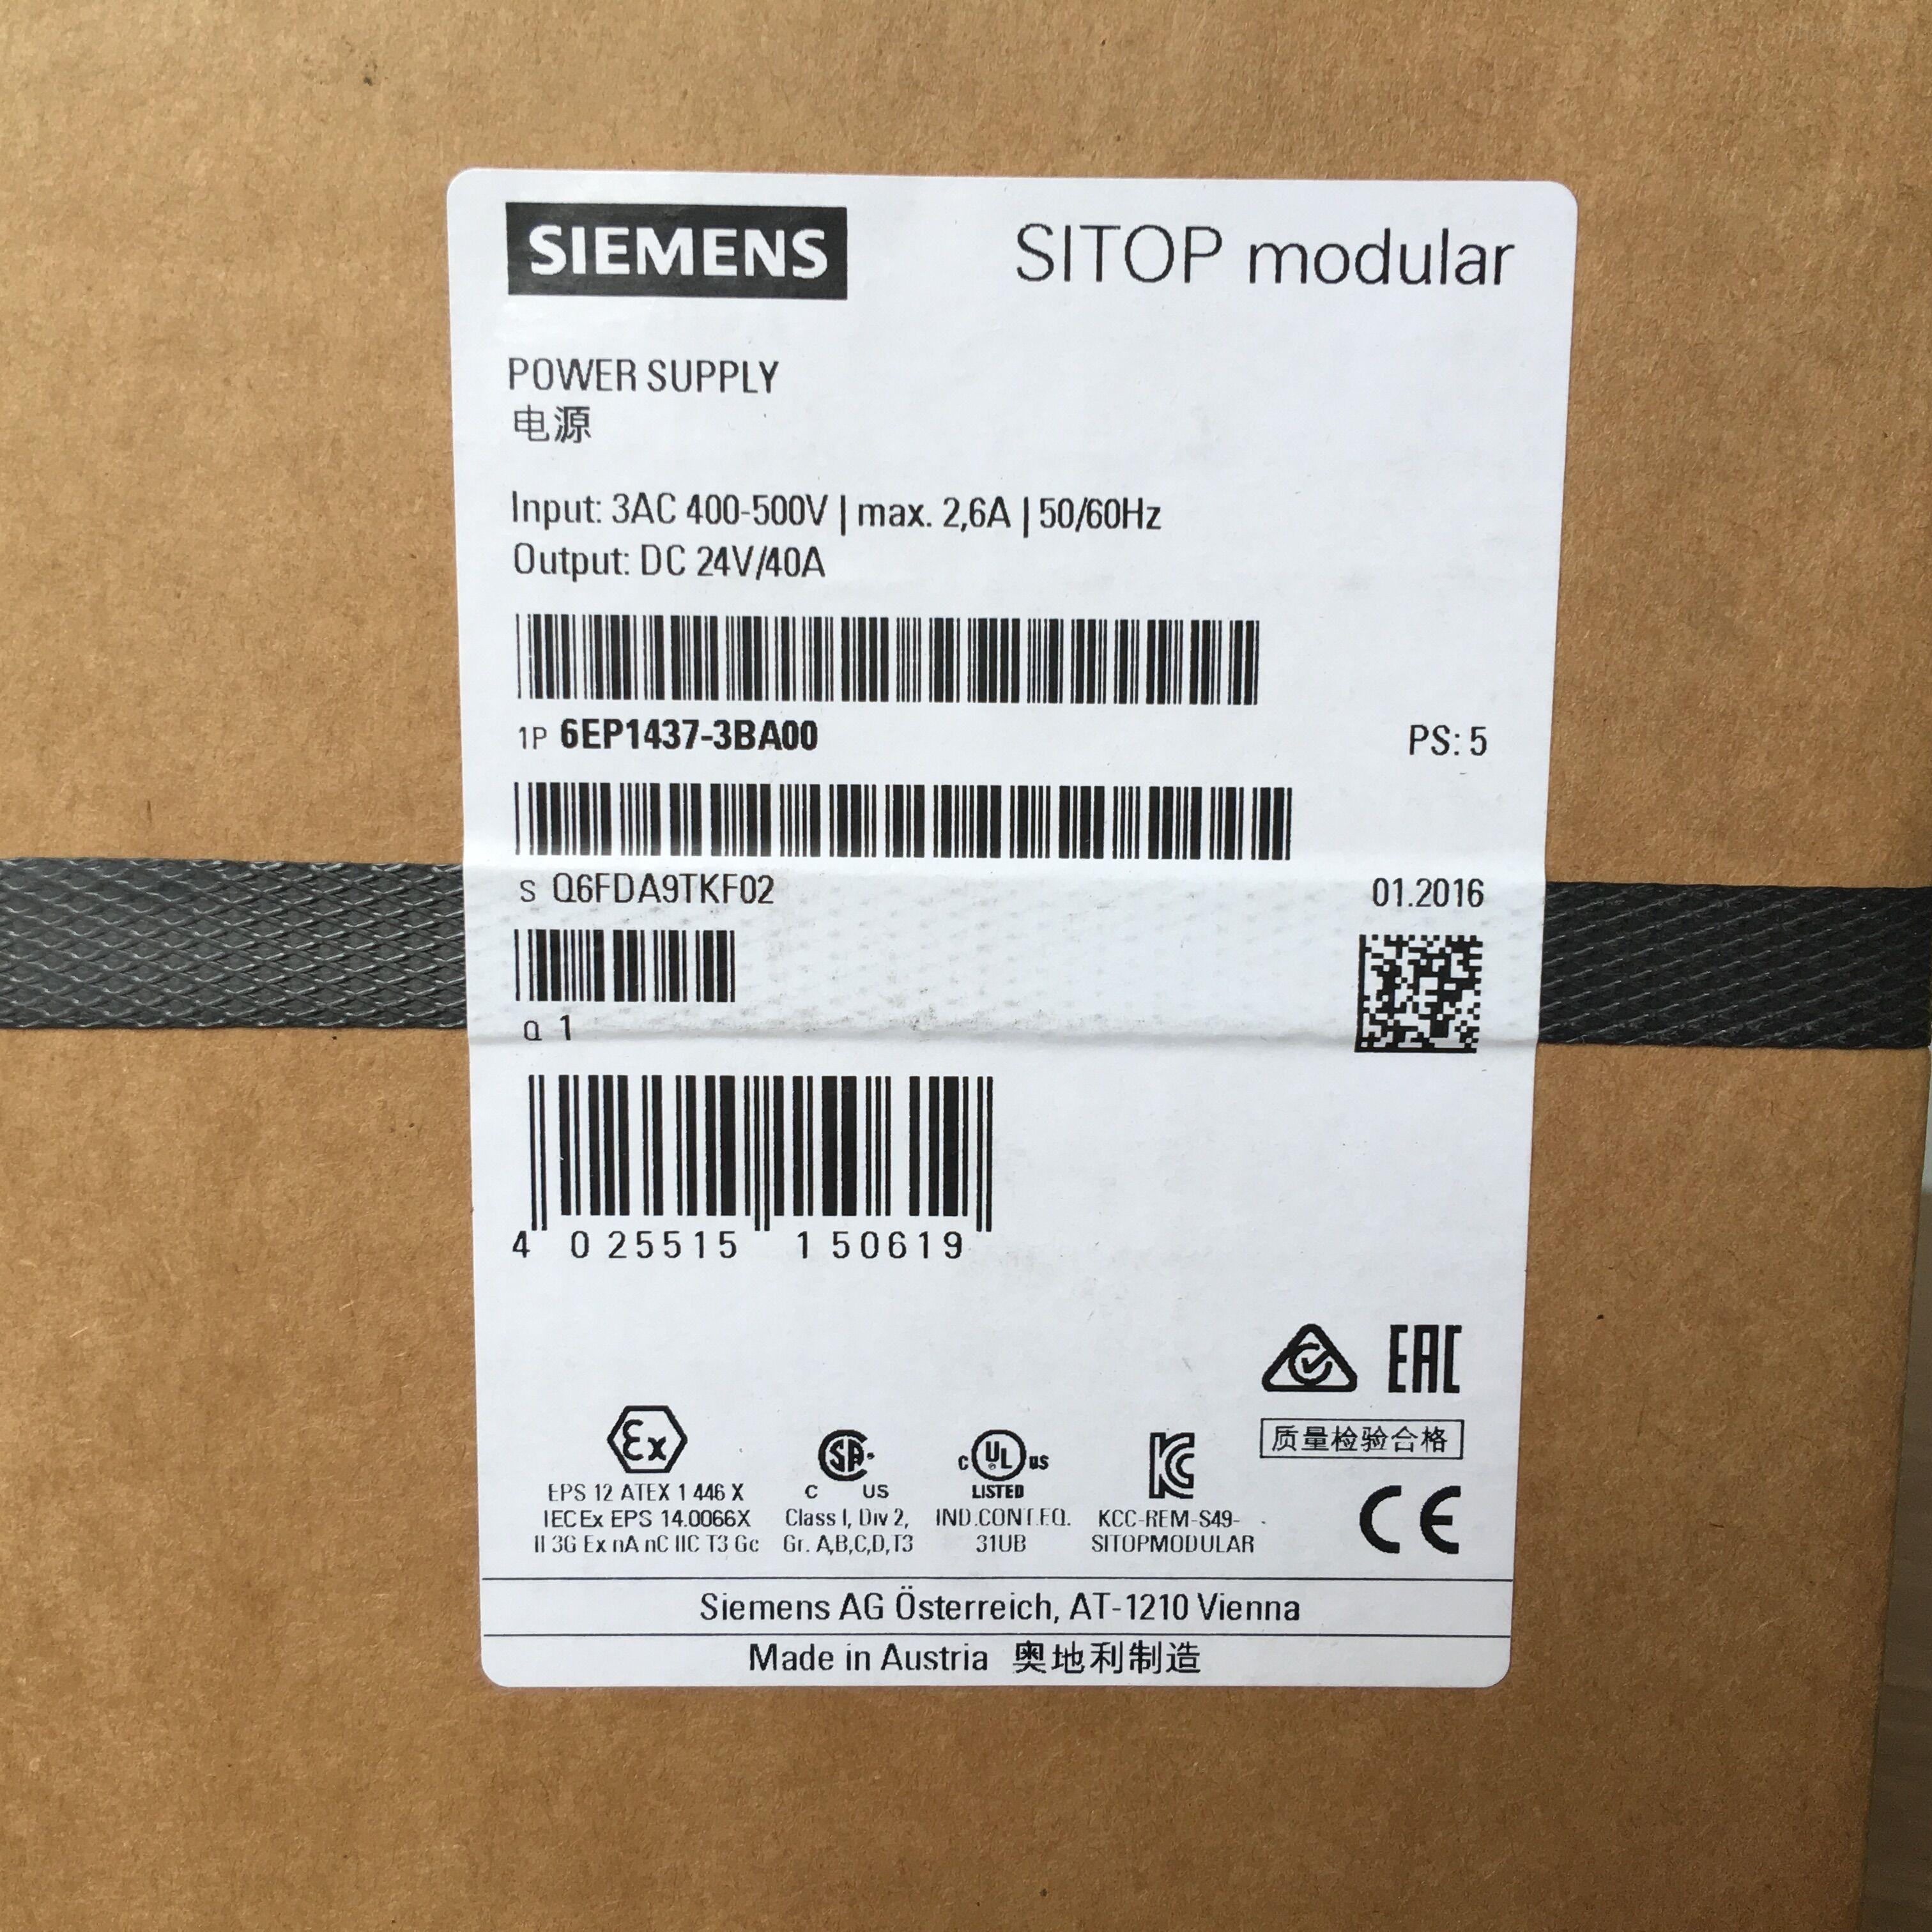 晋中西门子SITOP电源模块代理商